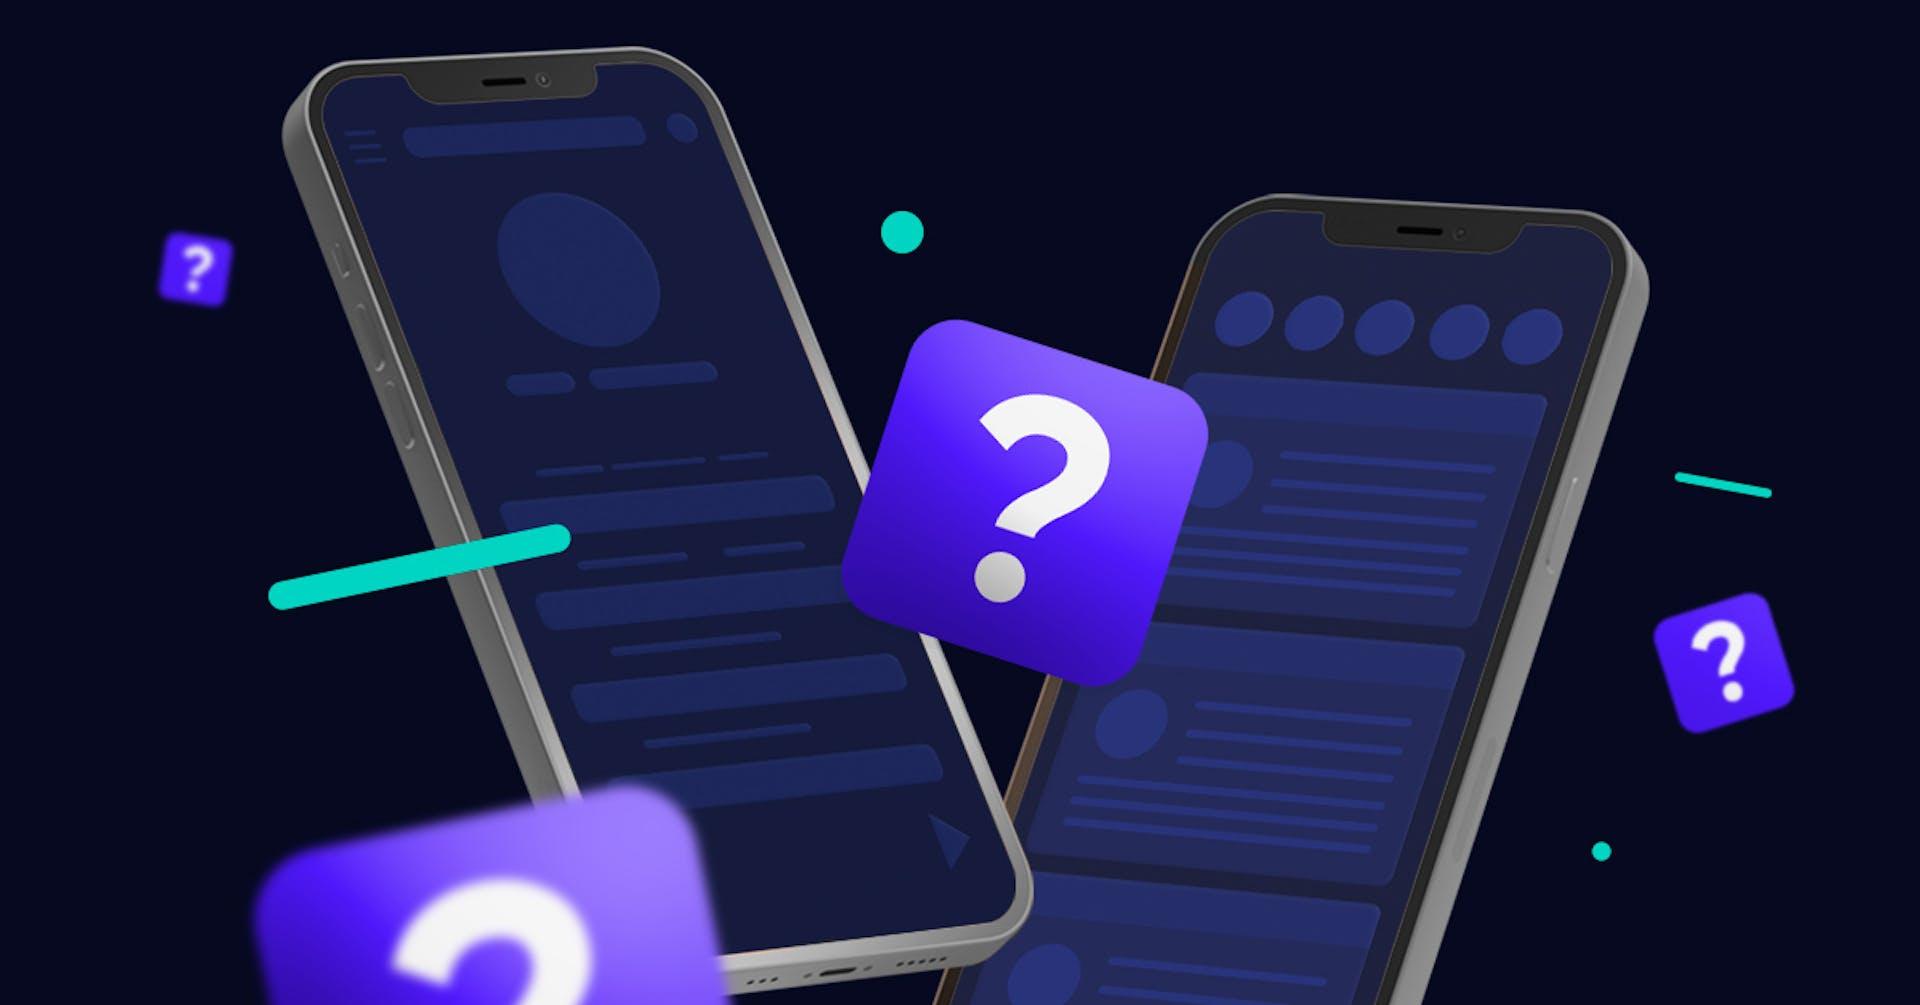 ¿Cómo diseñar una APP? Consejos de UX/UI para crear aplicaciones increíbles